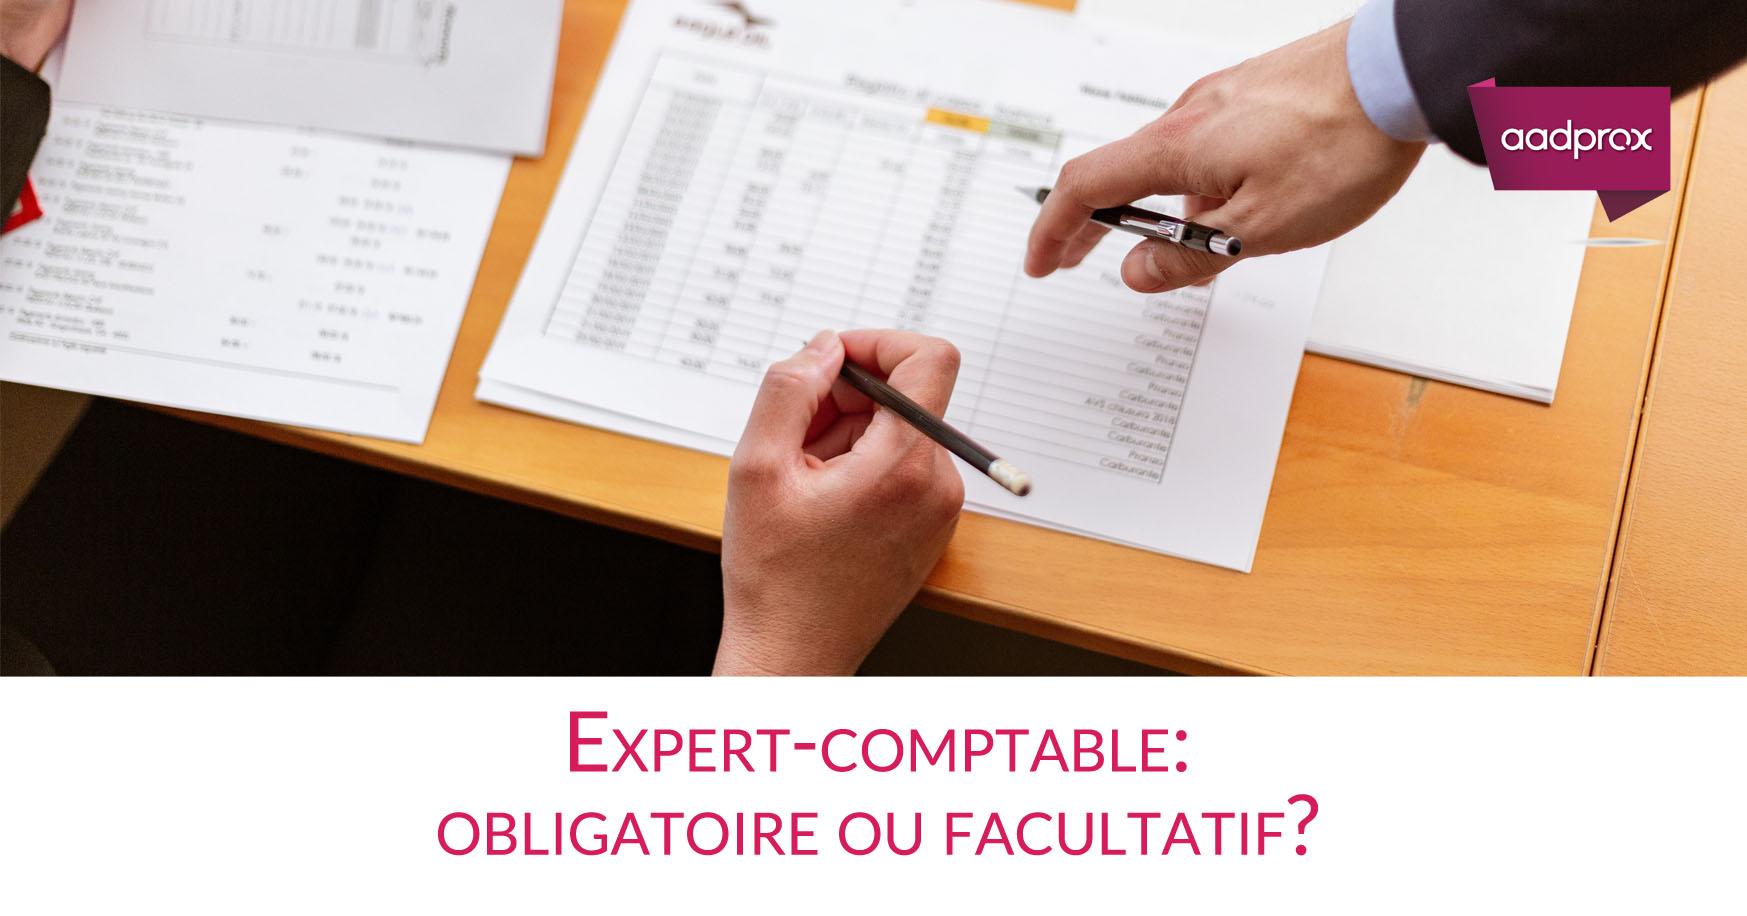 Expert-comptable: est-ce obligatoire ?